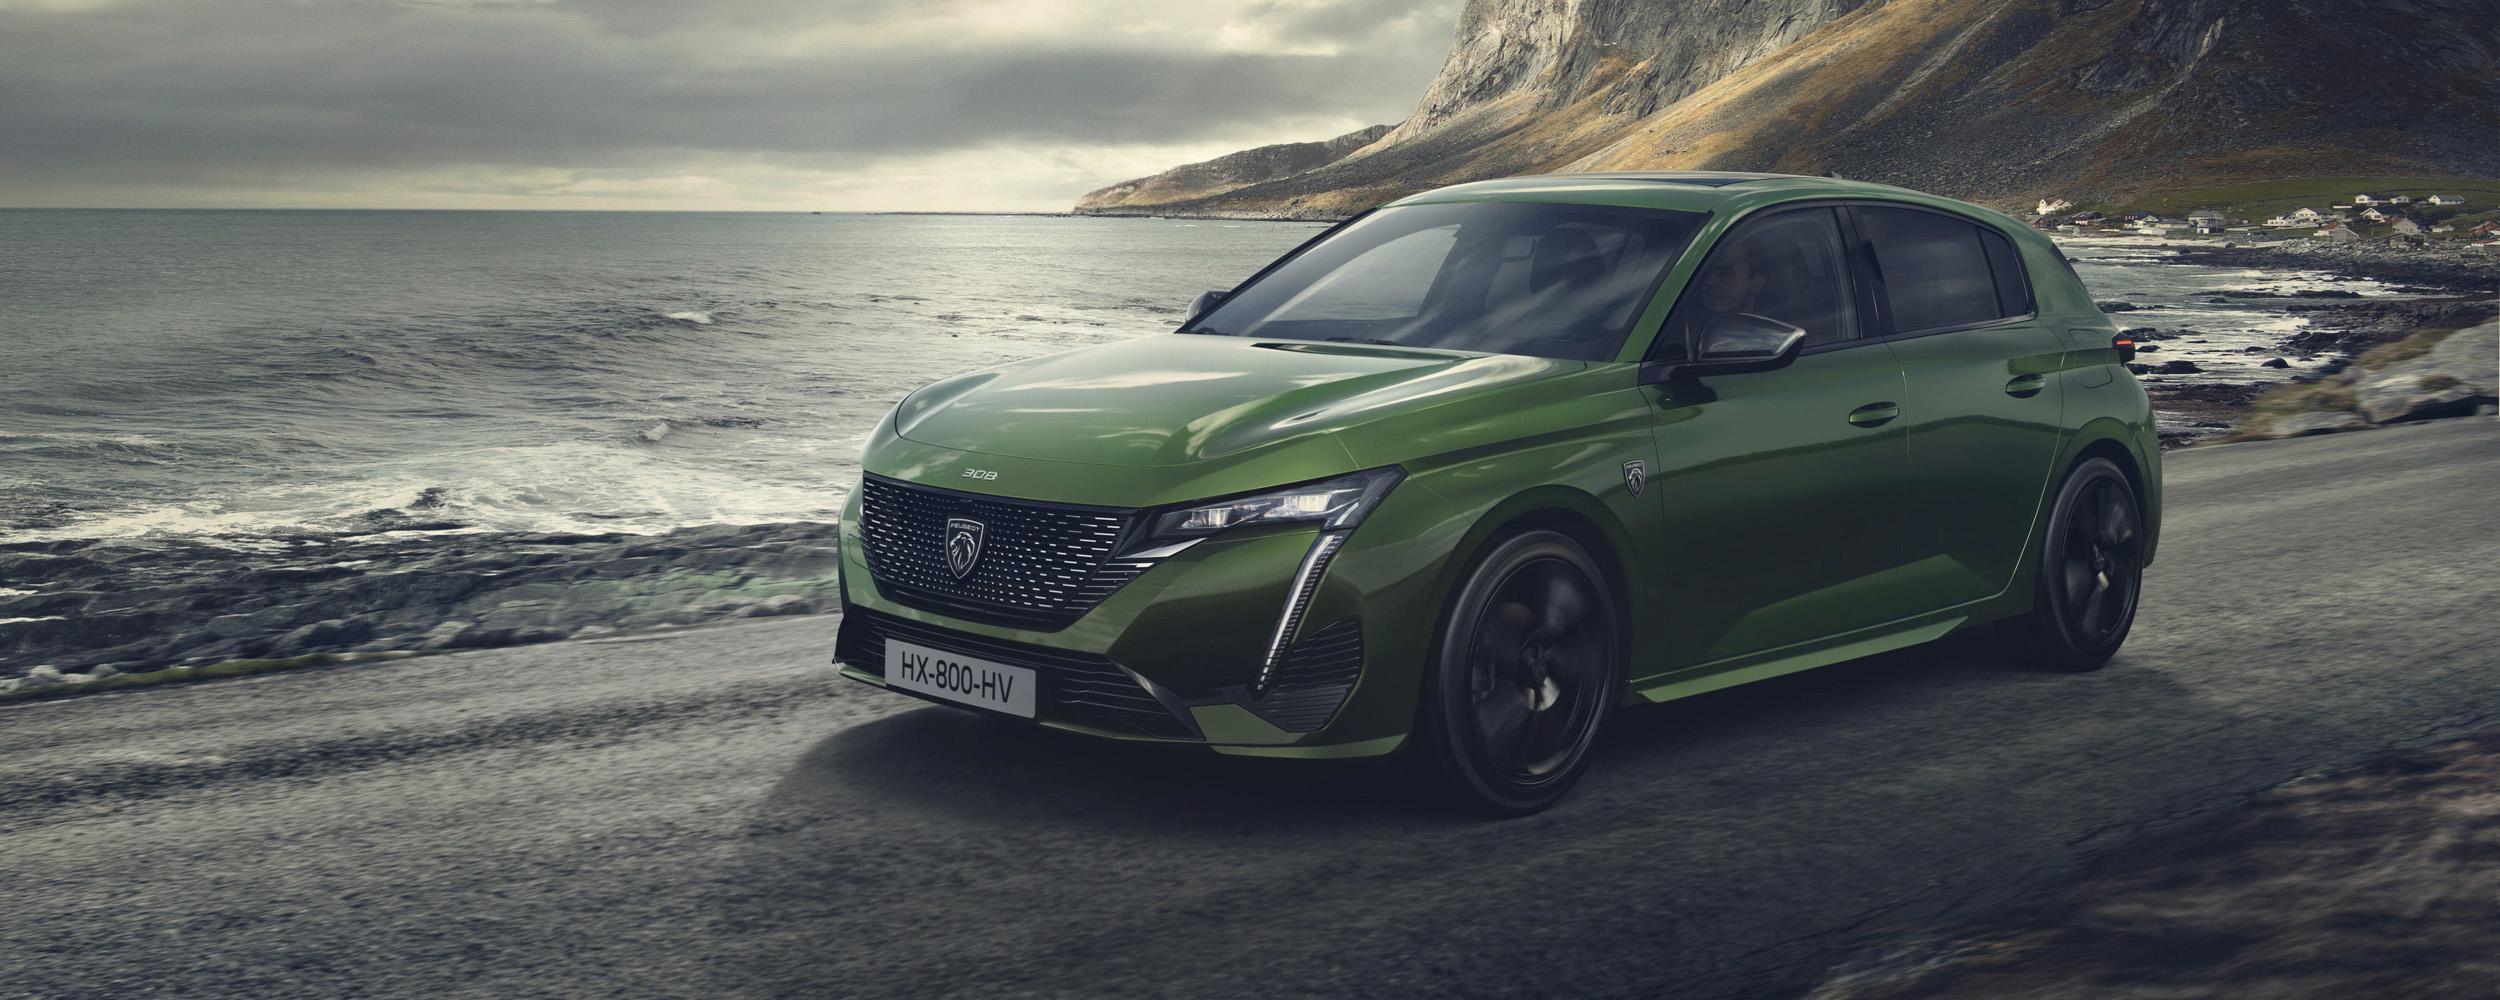 Votre agent Peugeot Quissac, Gard, région Occitanie - Vente véhicules neufs et occasion, ateliers mécanique et carrosserie